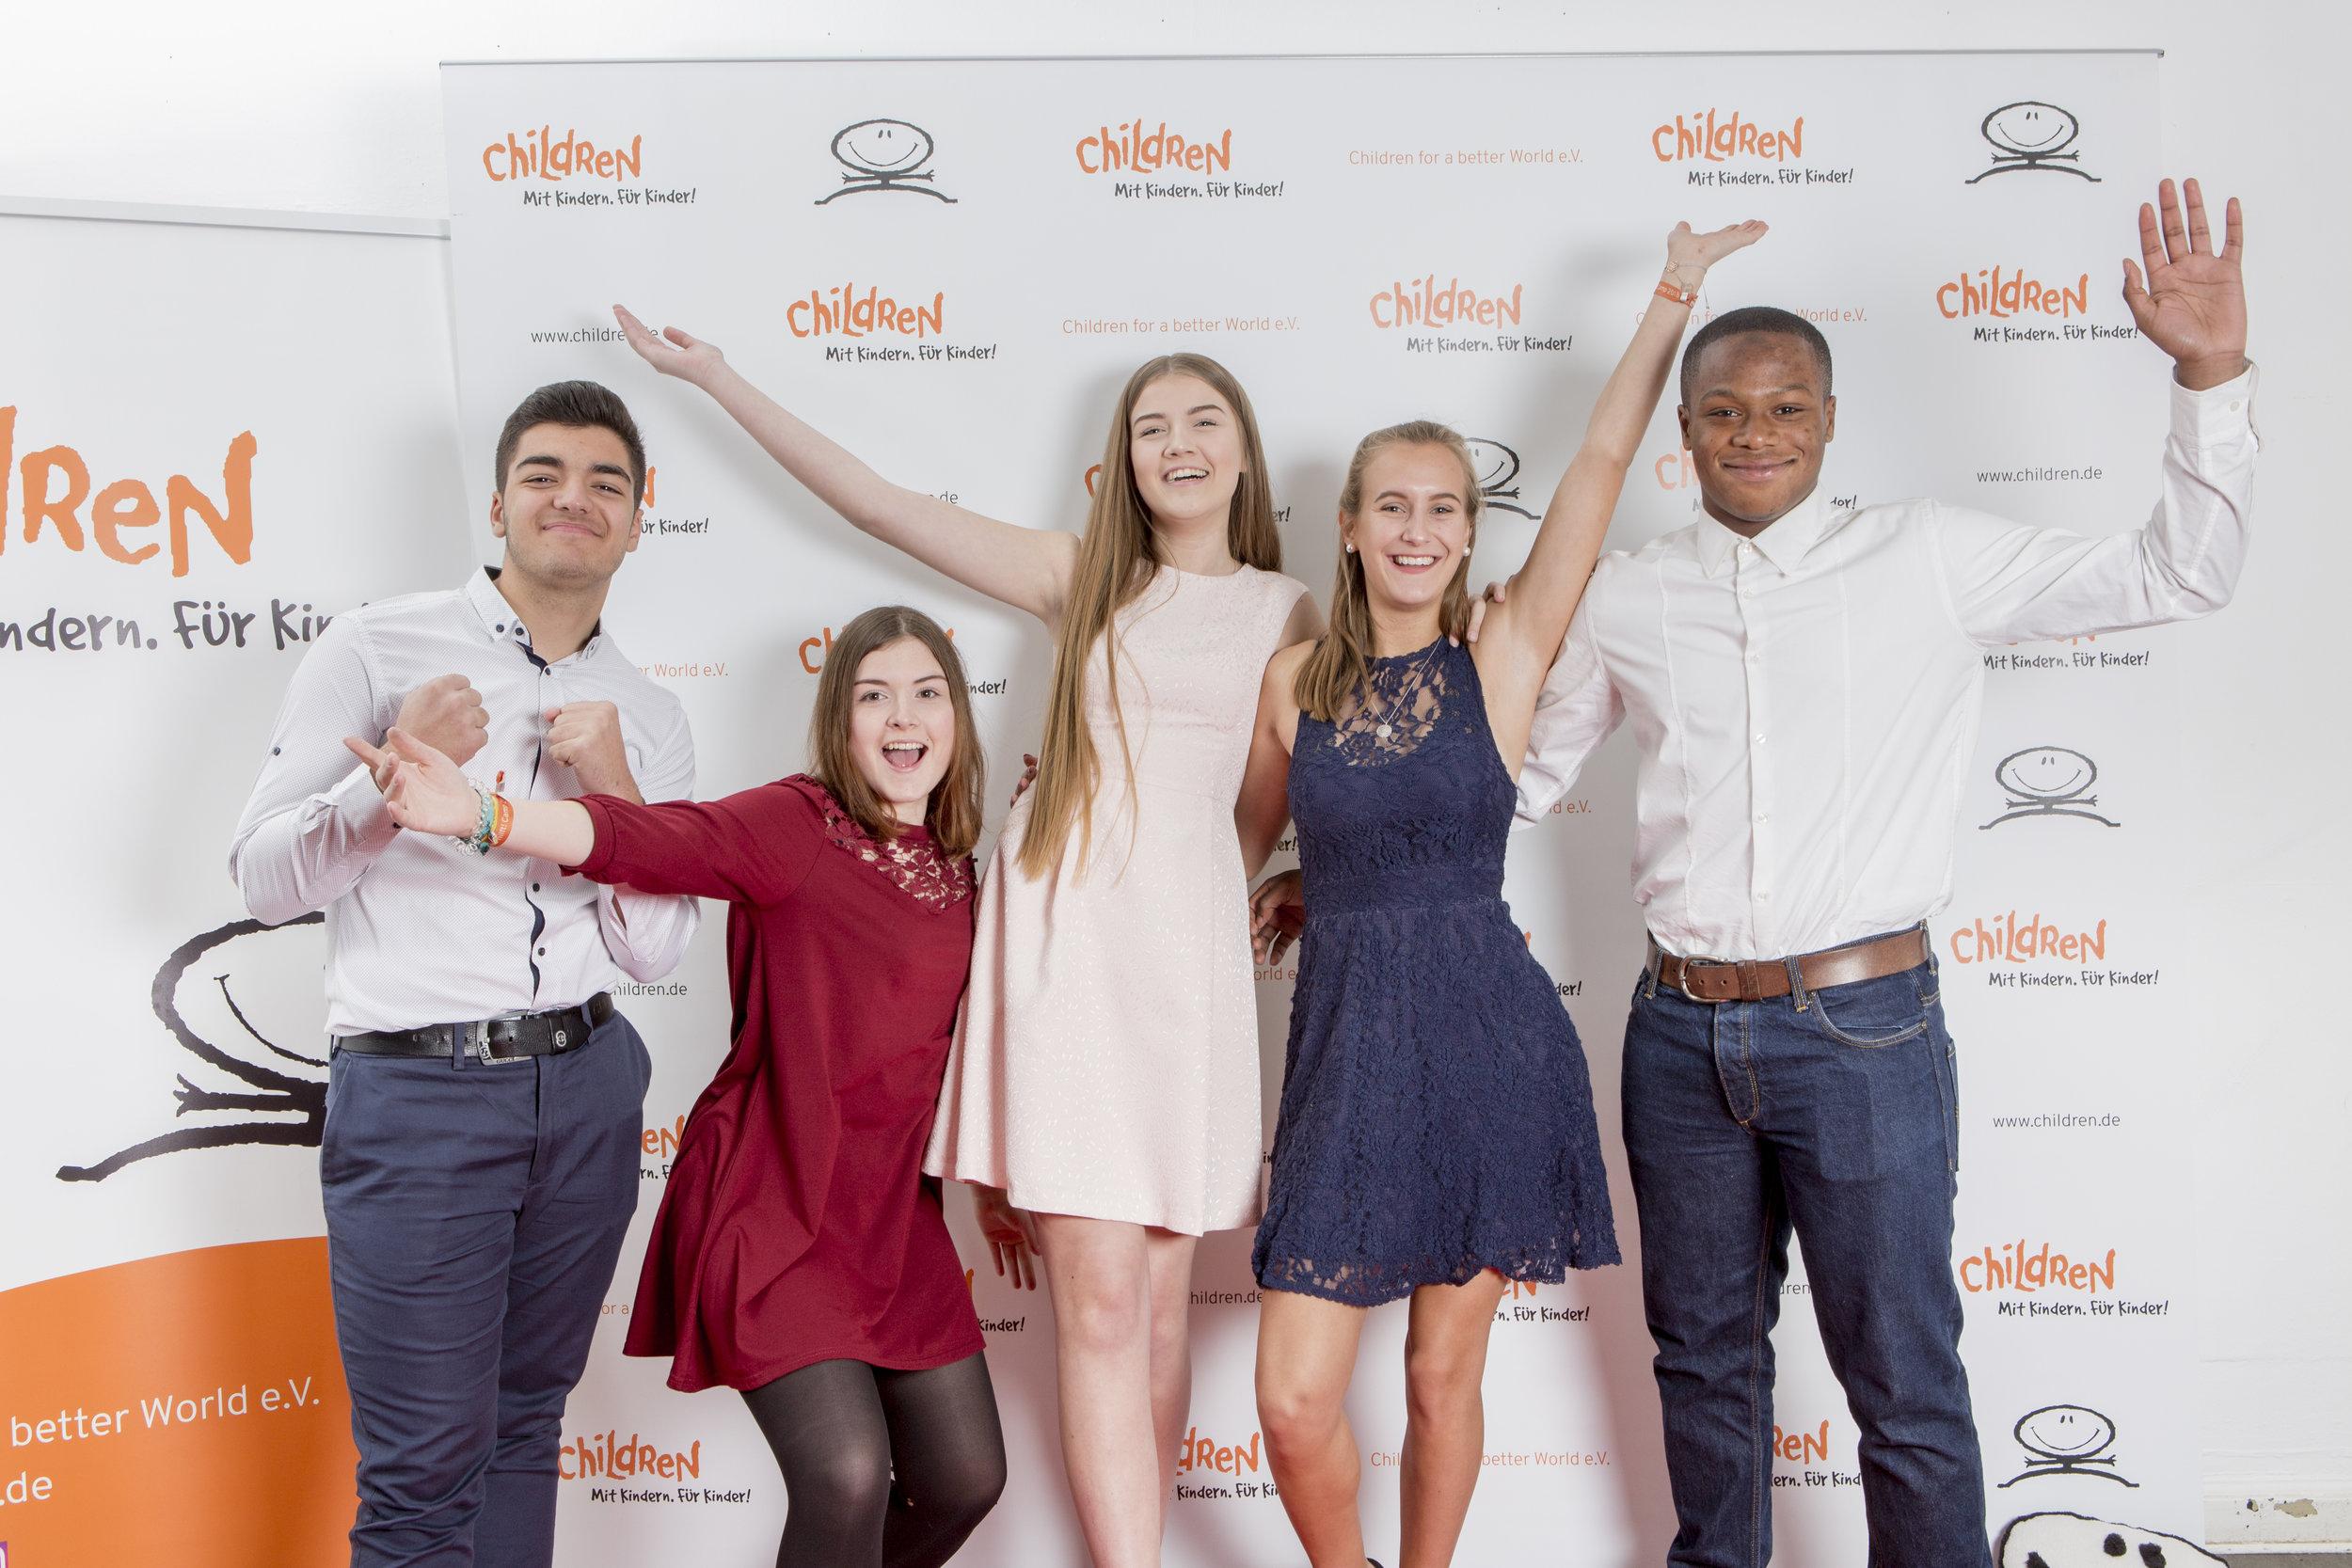 Ein CHILDREN Jugend hilft! Siegerprojekt 2018 nach der Preisverleihung